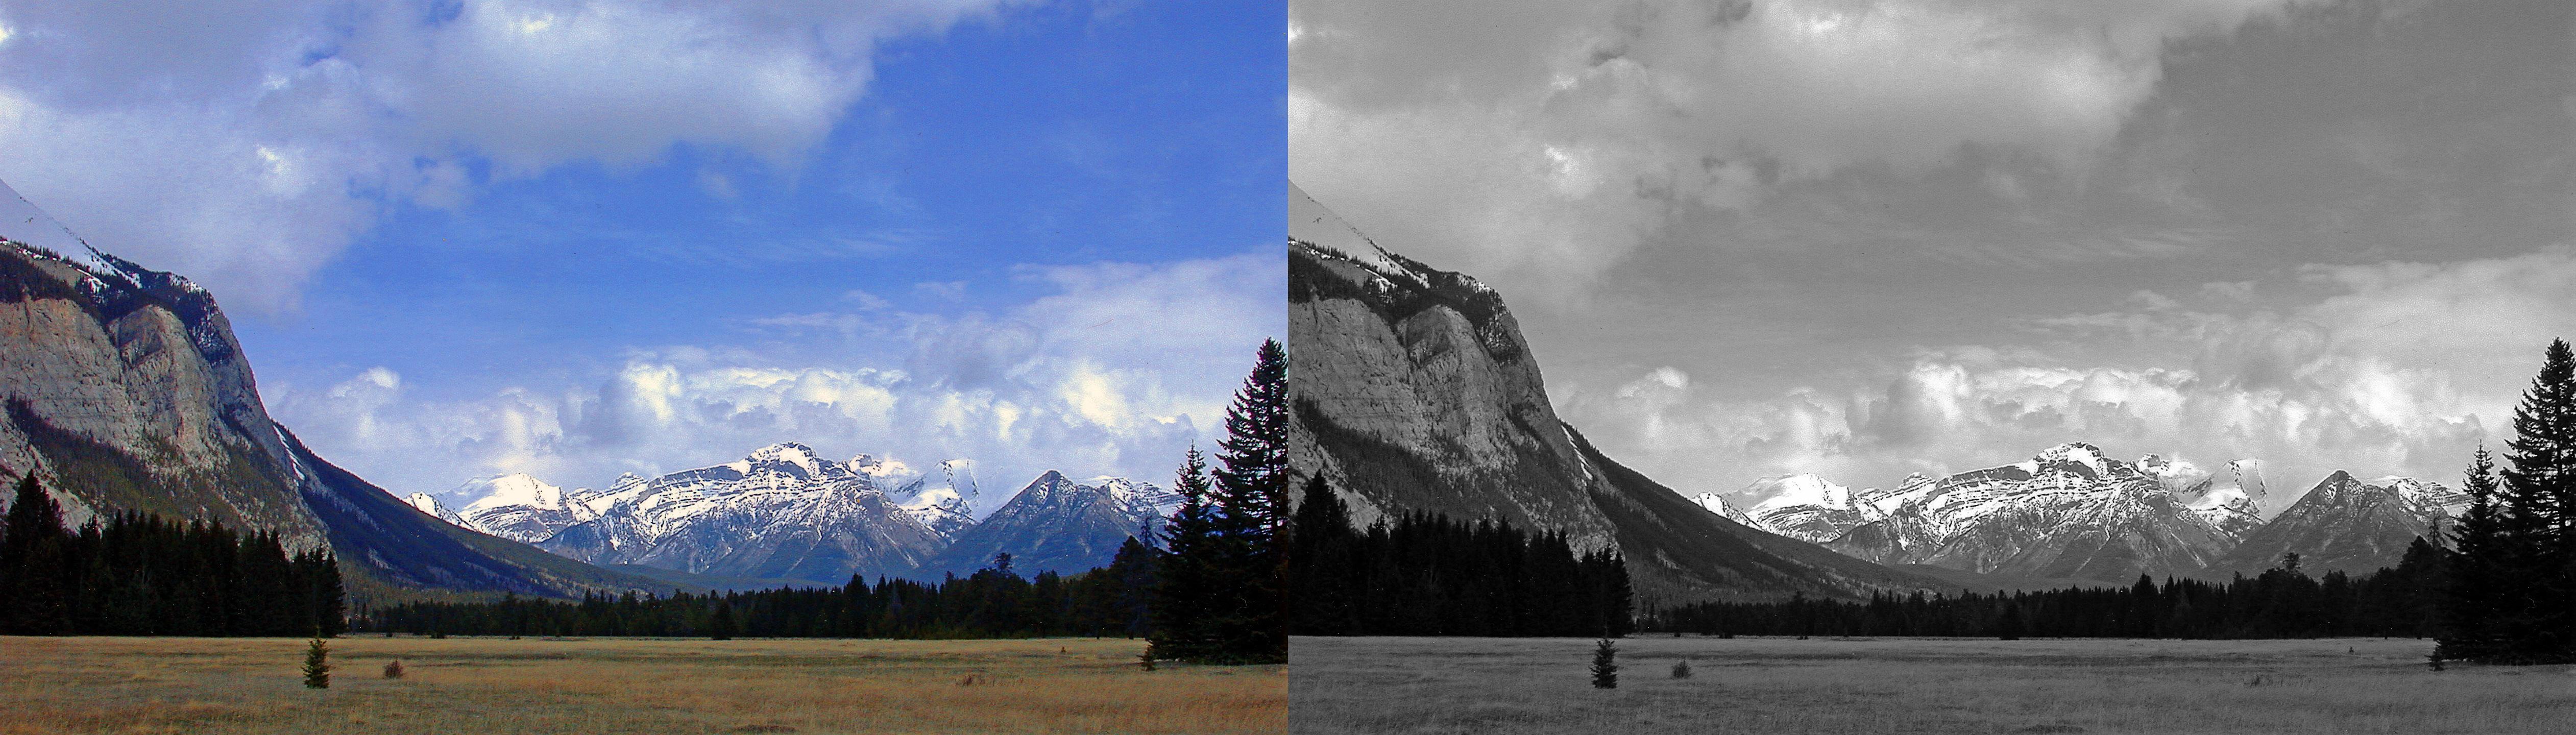 Banff Mountain View 4 p.jpg